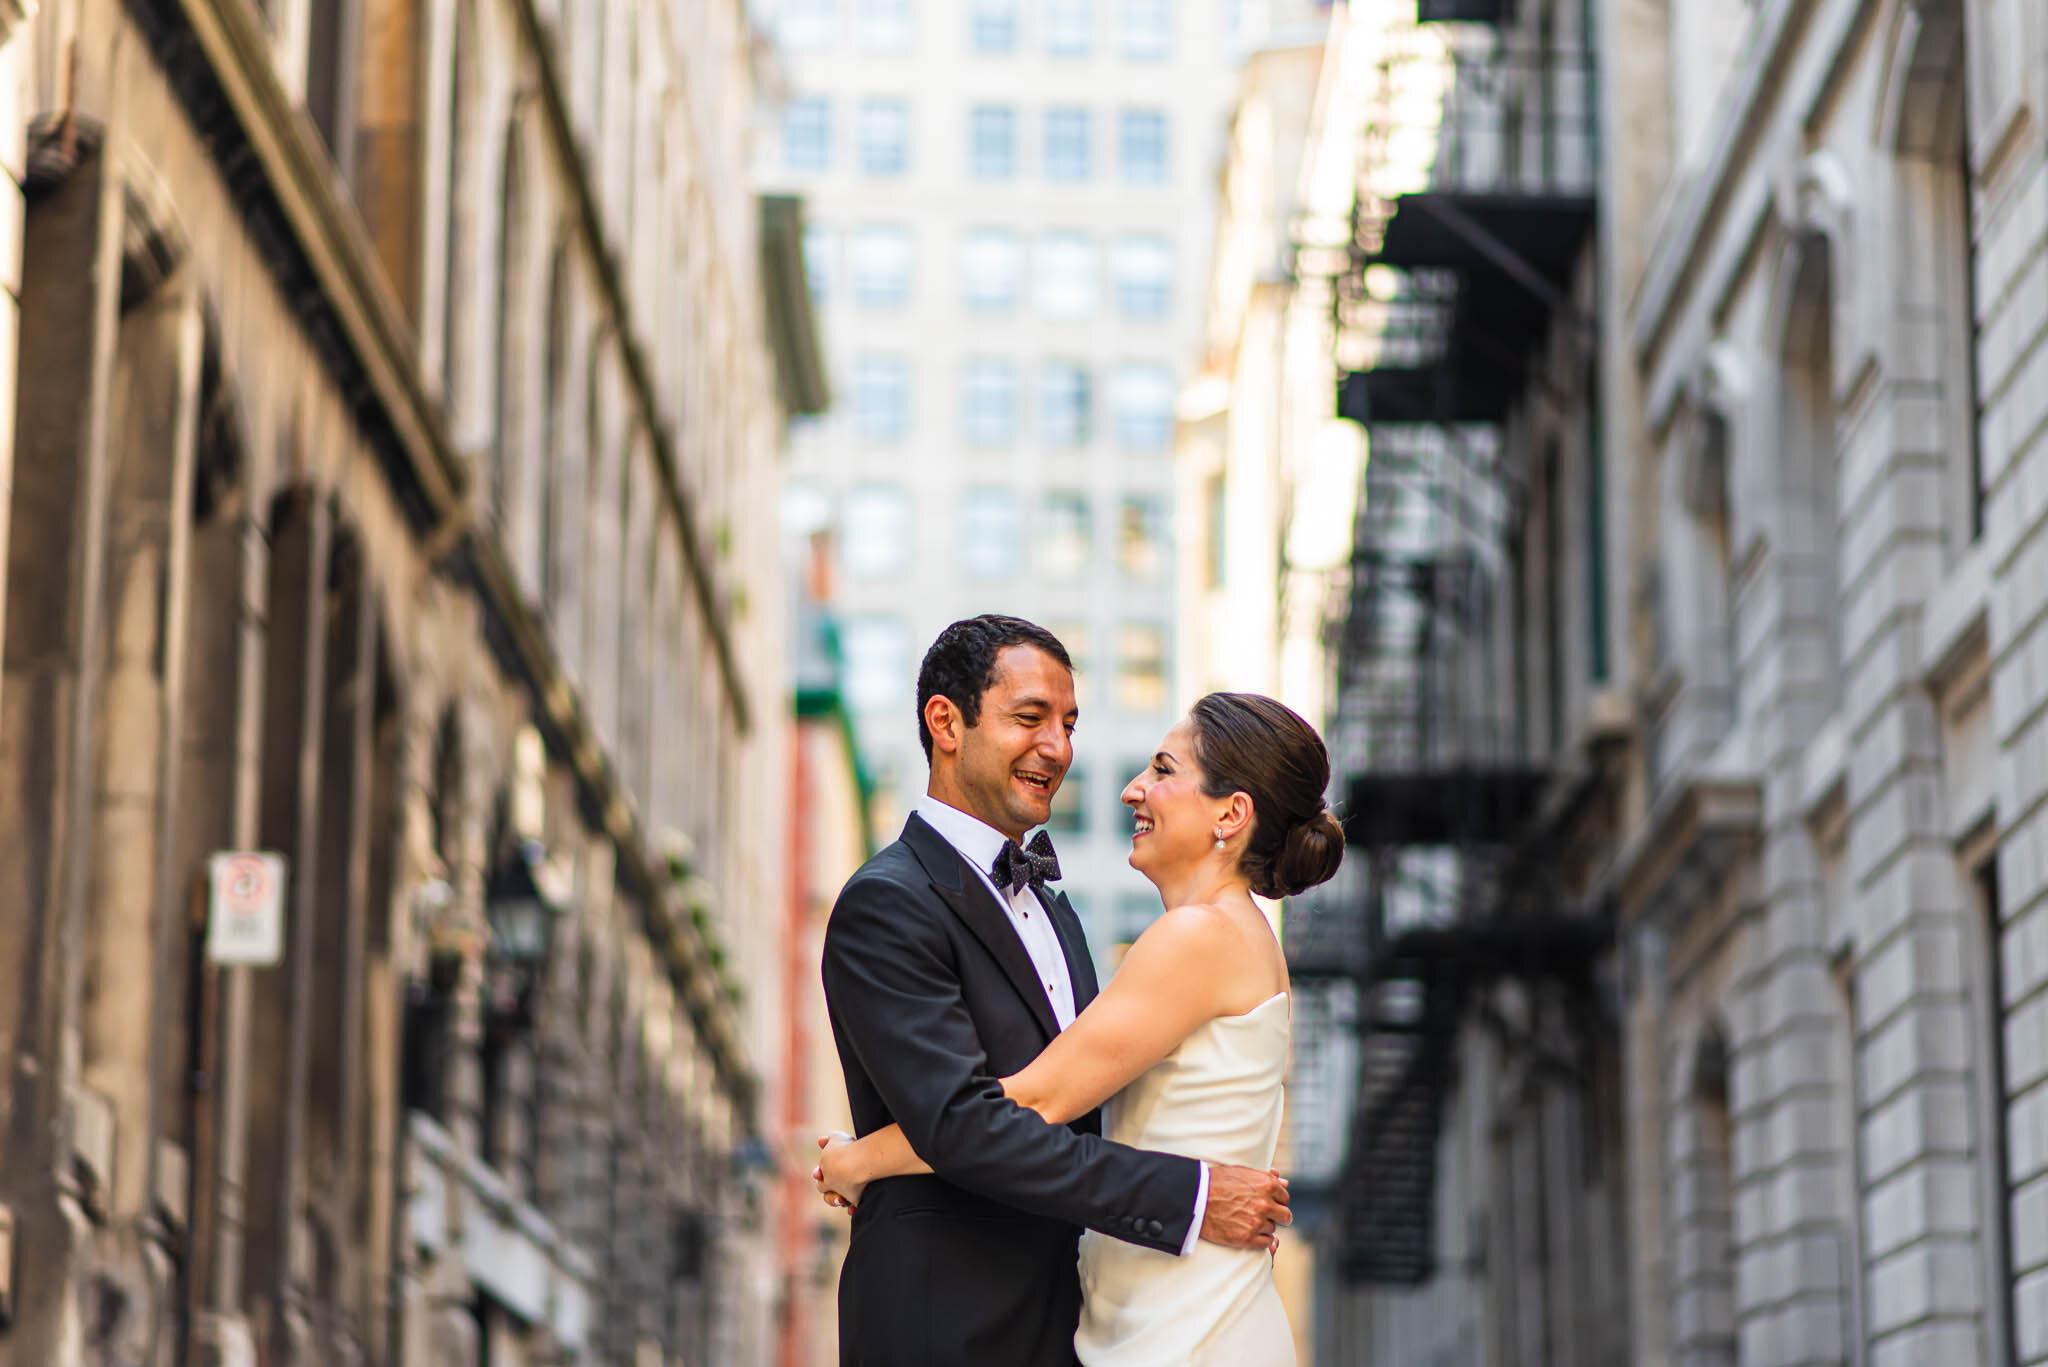 Montreal Wedding Photographer AshleyMacPhee (21 of 49).jpg